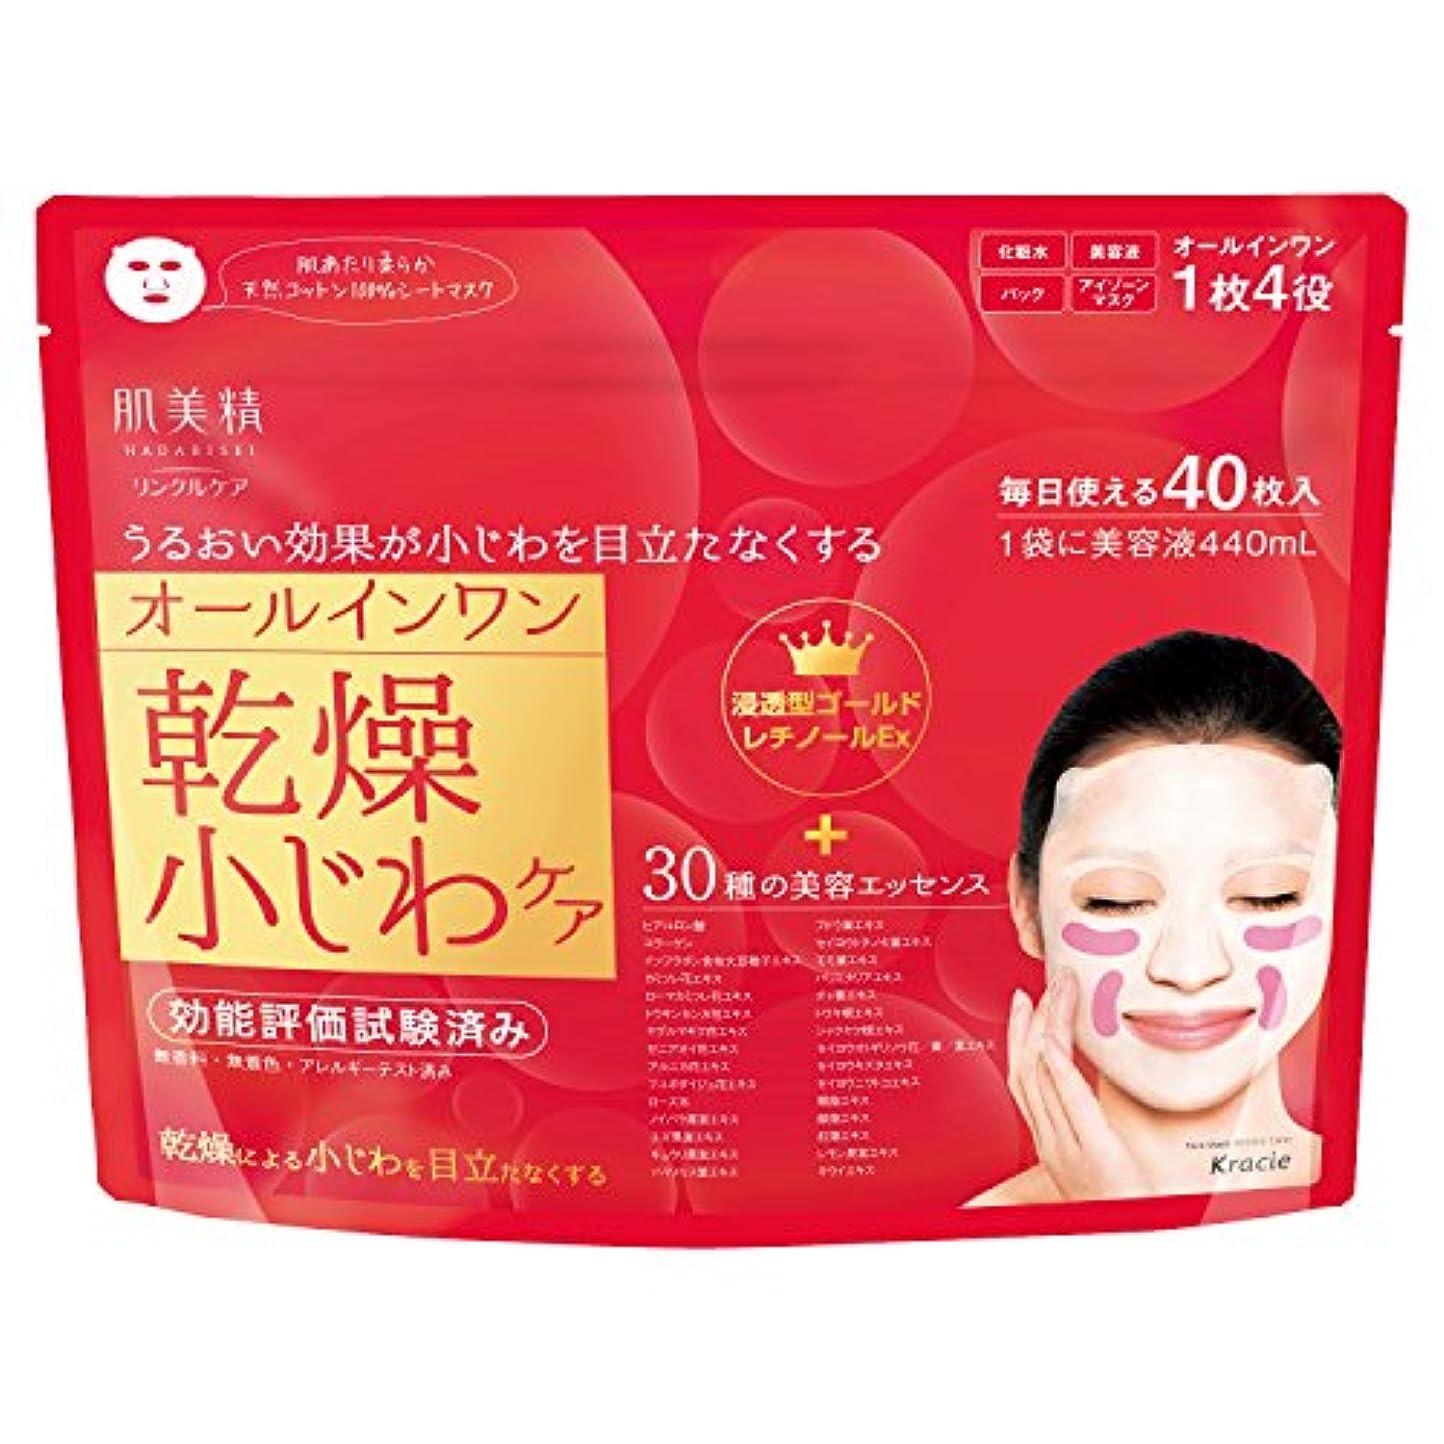 人気の海ファイル肌美精 リンクルケア美容液マスク 40枚